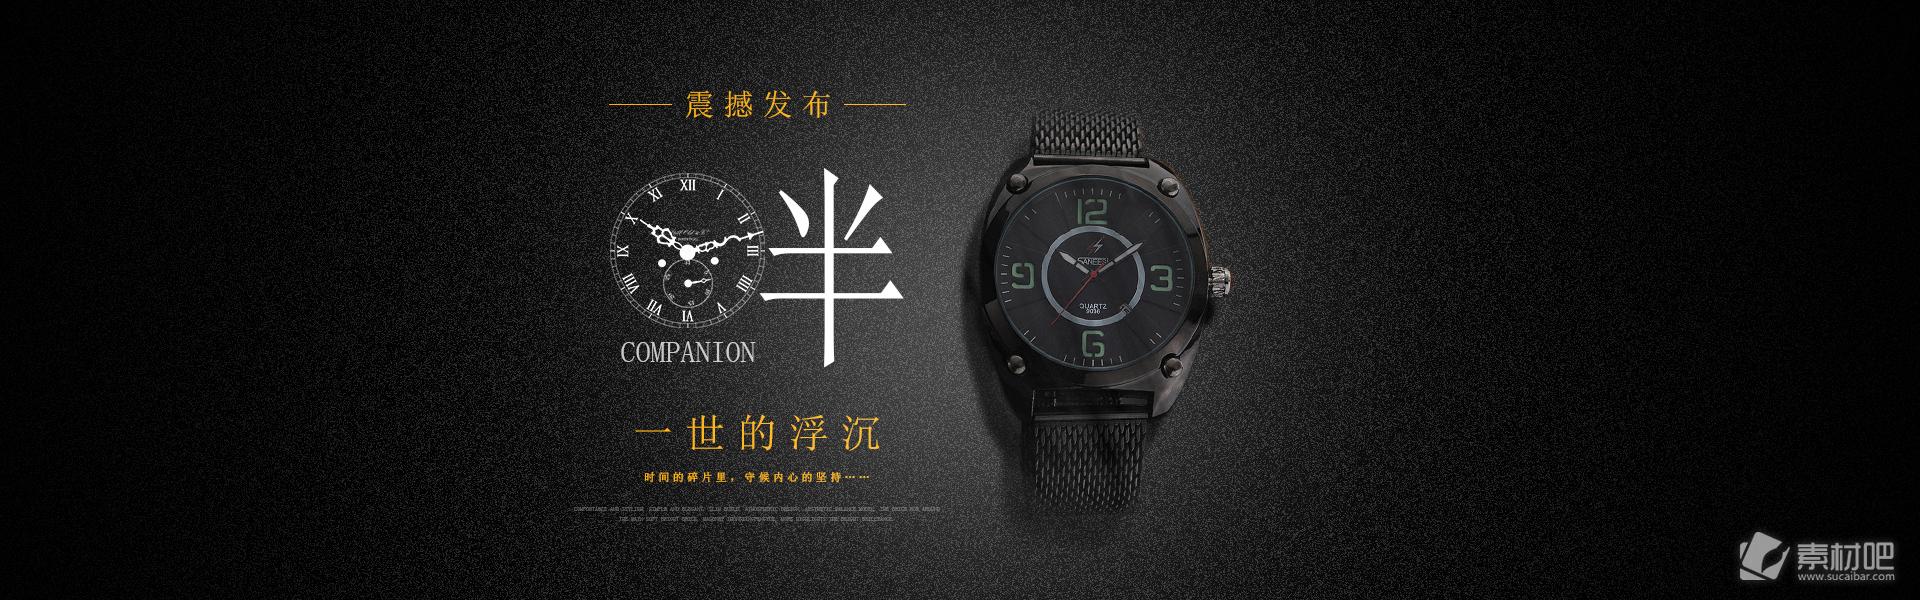 手表首饰淘宝海报